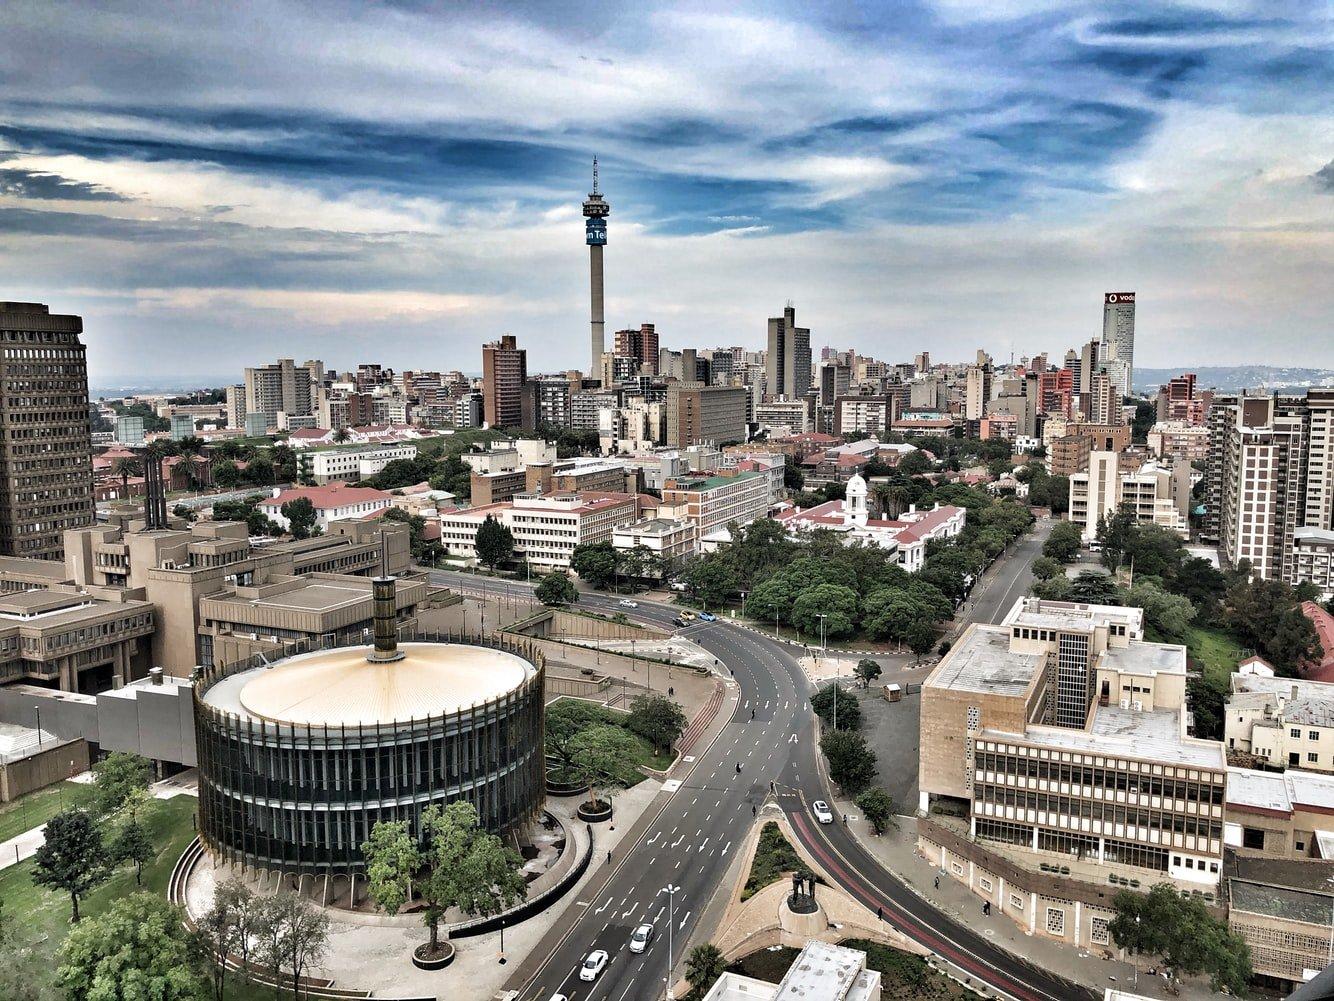 Stadtansicht mit Telkom Tower in Johannesburg Südafrika